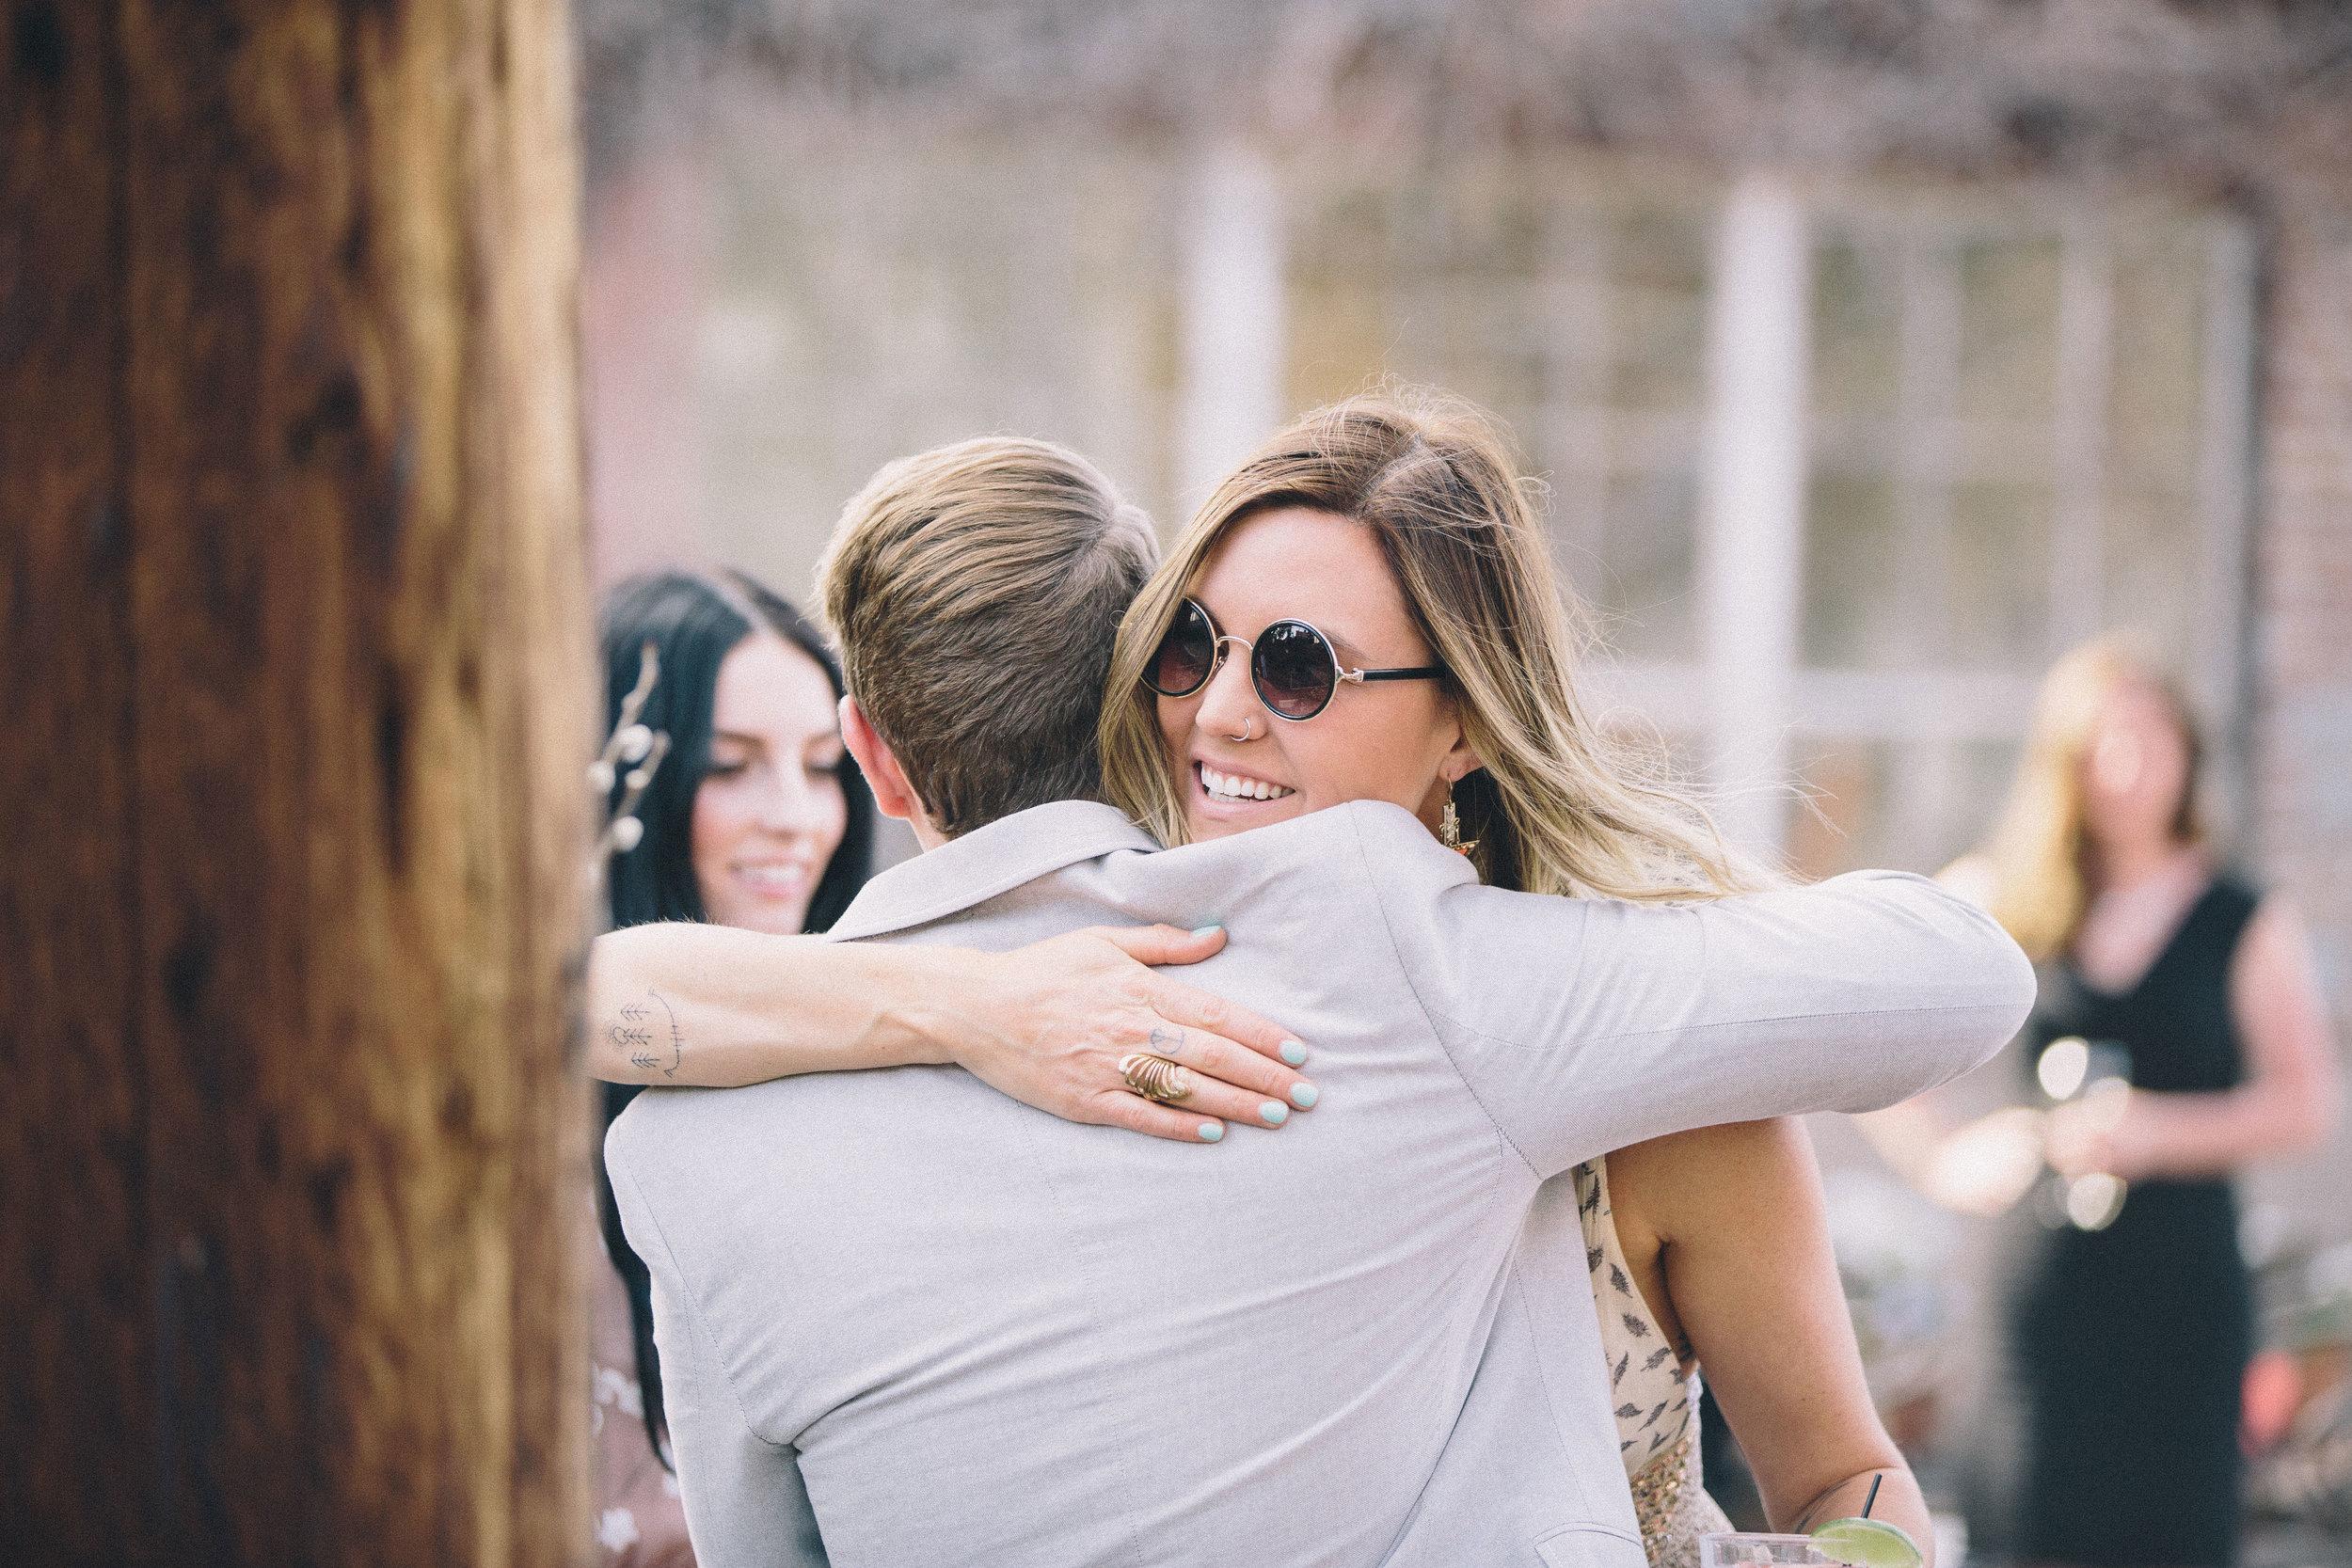 MP_16.05.21_Tina-&-Brad-Wedding-9942.jpg